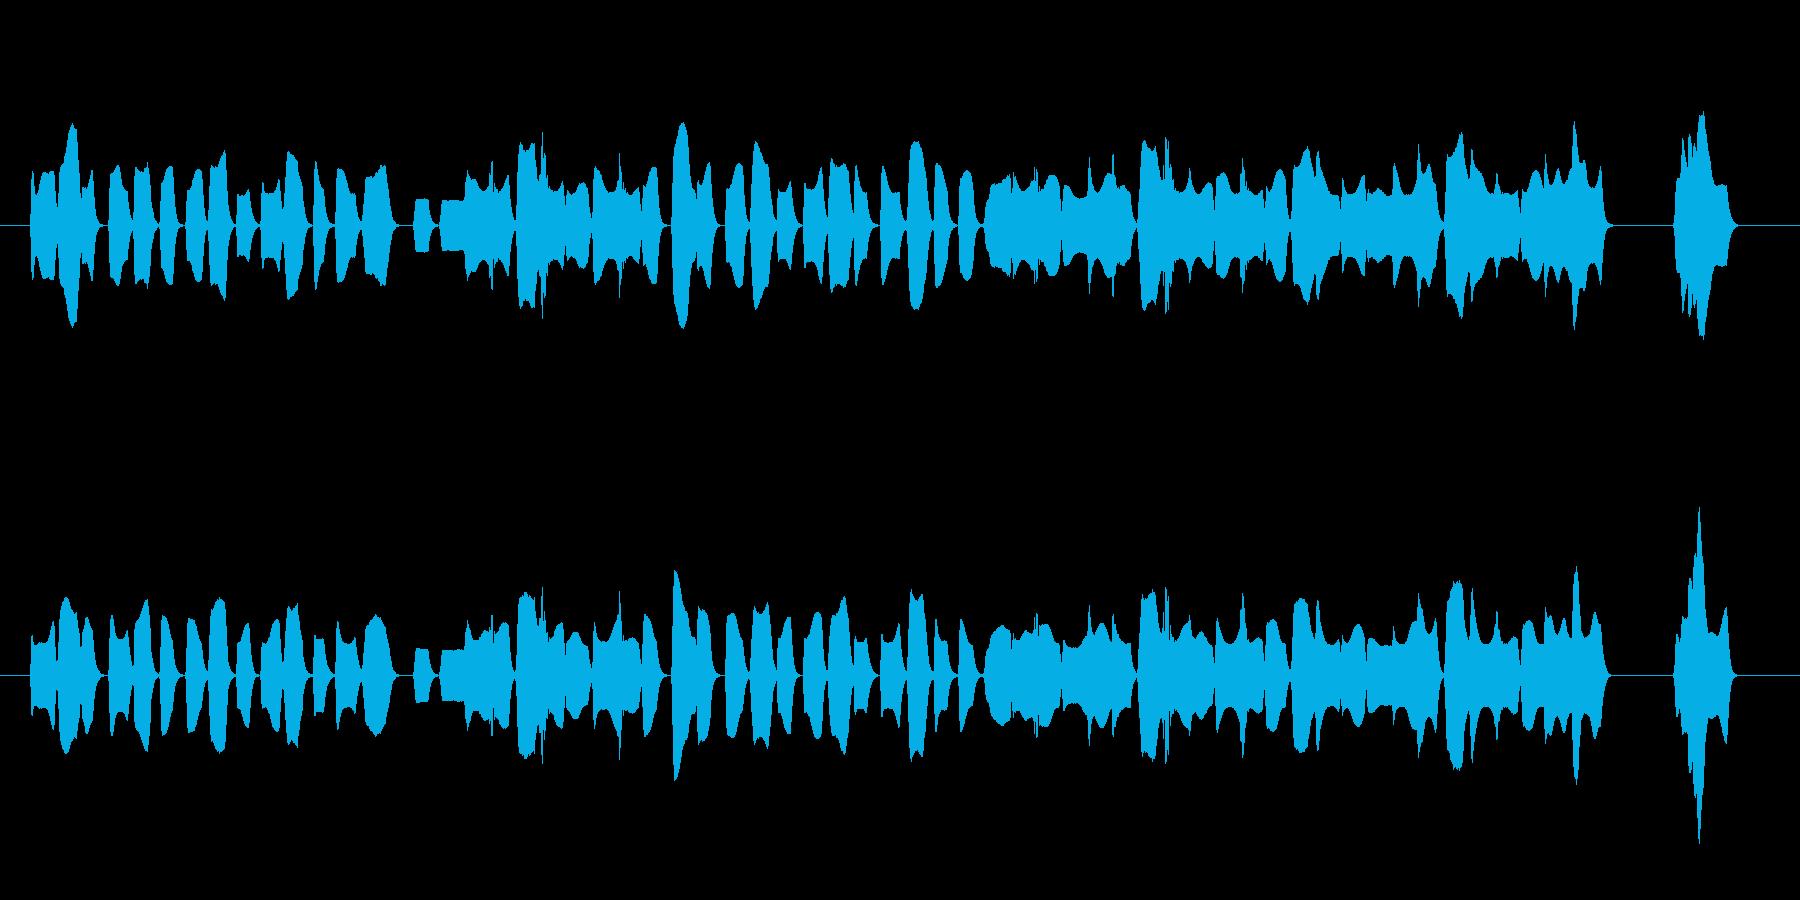 陽気なオカリナの舞曲風の少し長めジングルの再生済みの波形